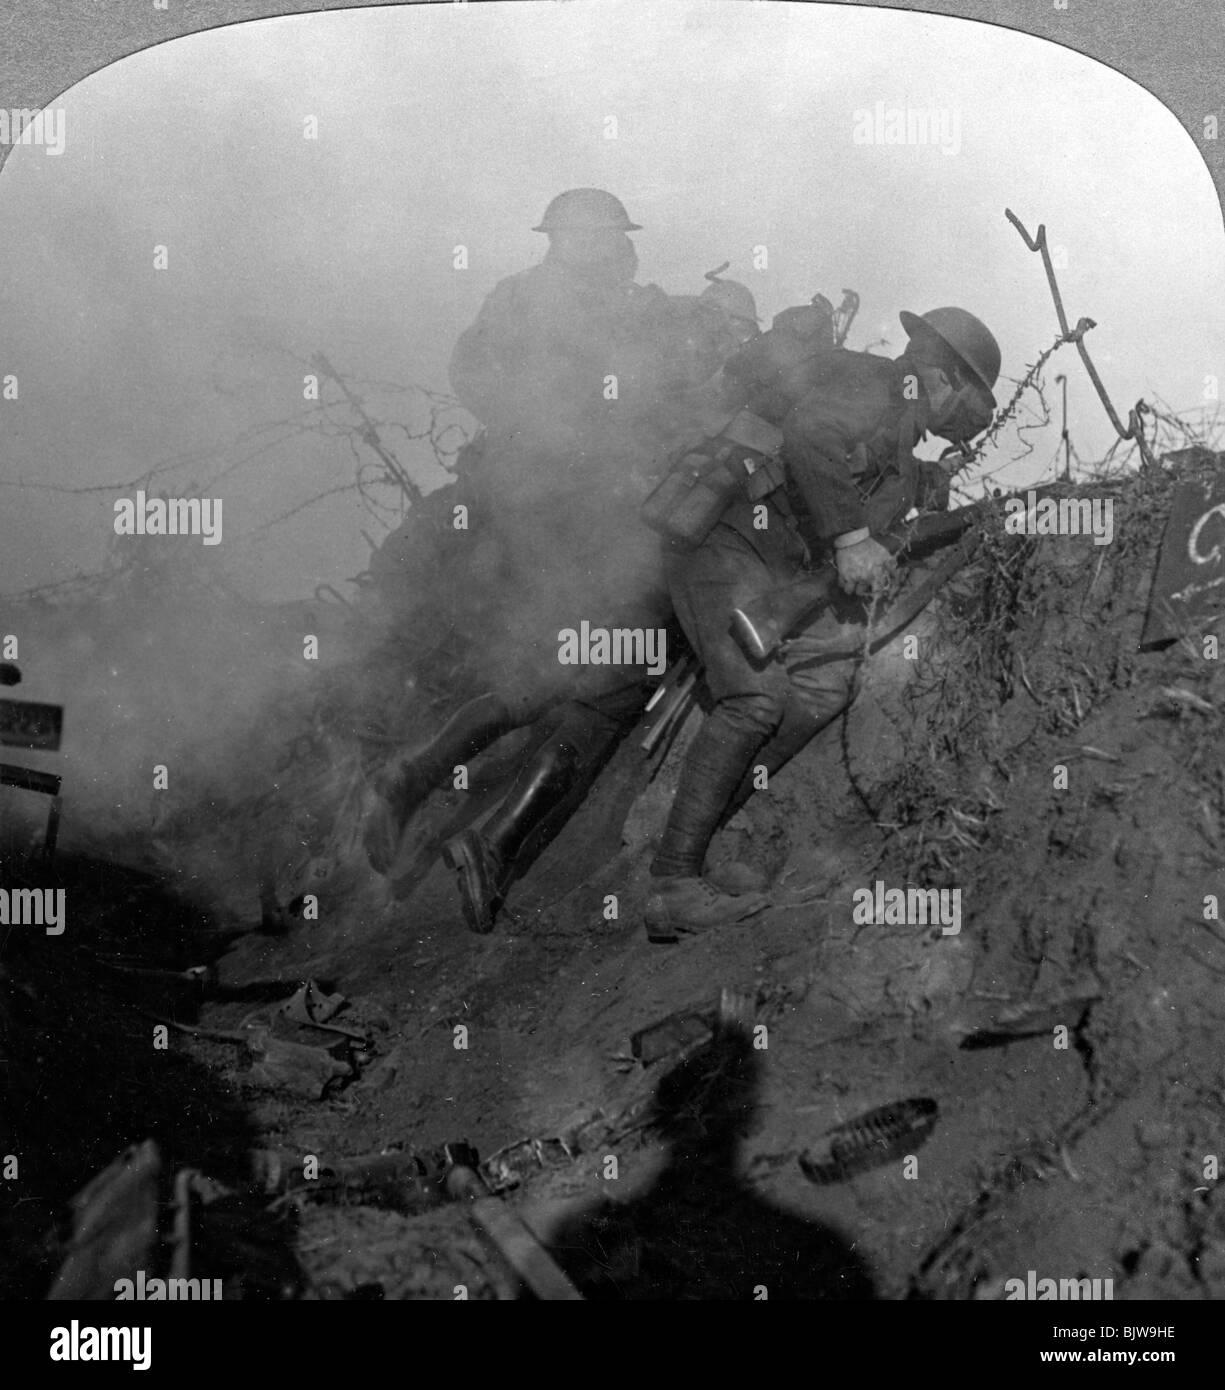 Trench warfare, Bourlon Wood, France, World War I, 1914-1918. - Stock Image